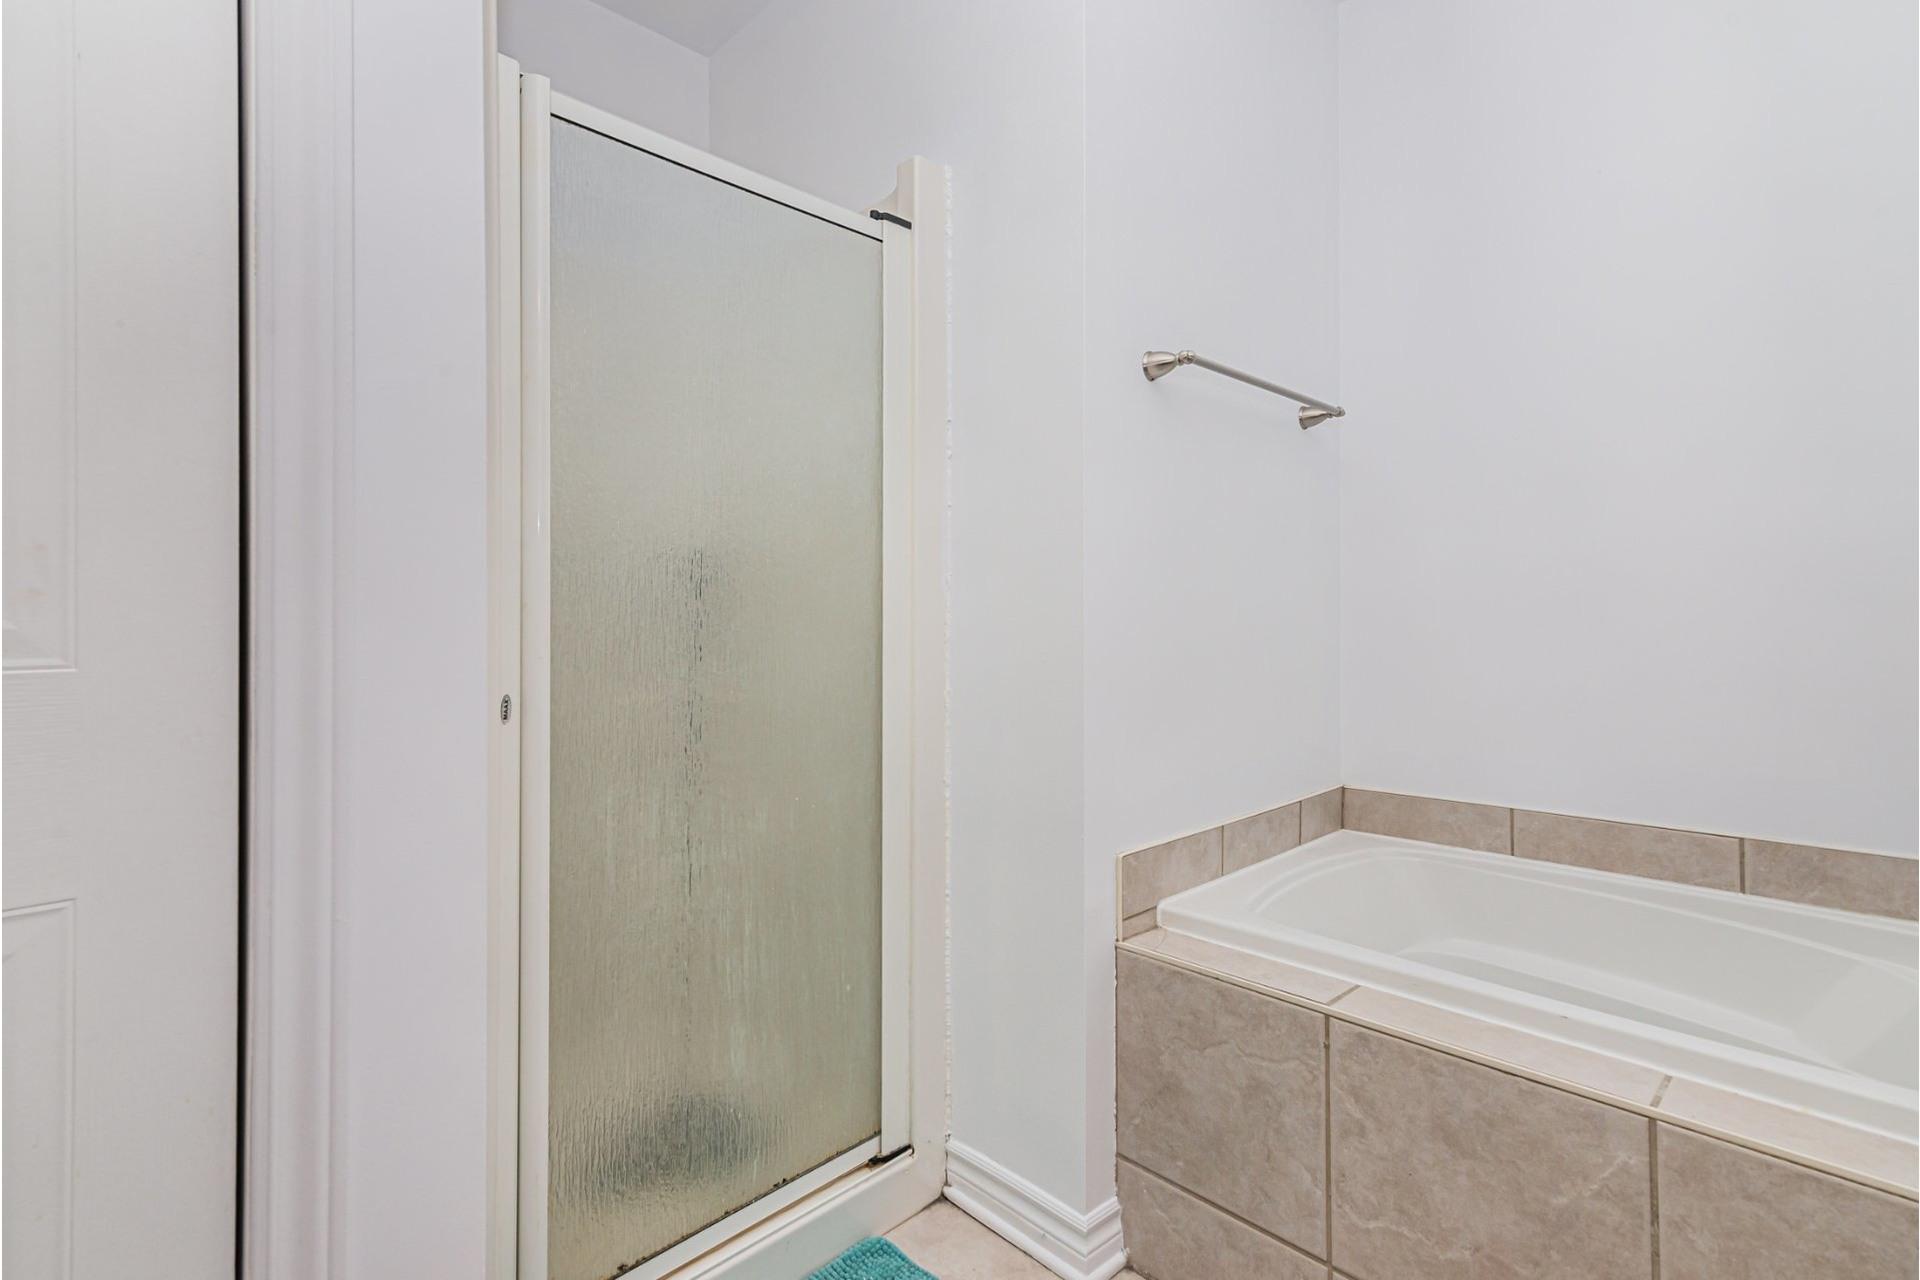 image 10 - Appartement À vendre Mercier/Hochelaga-Maisonneuve Montréal  - 4 pièces